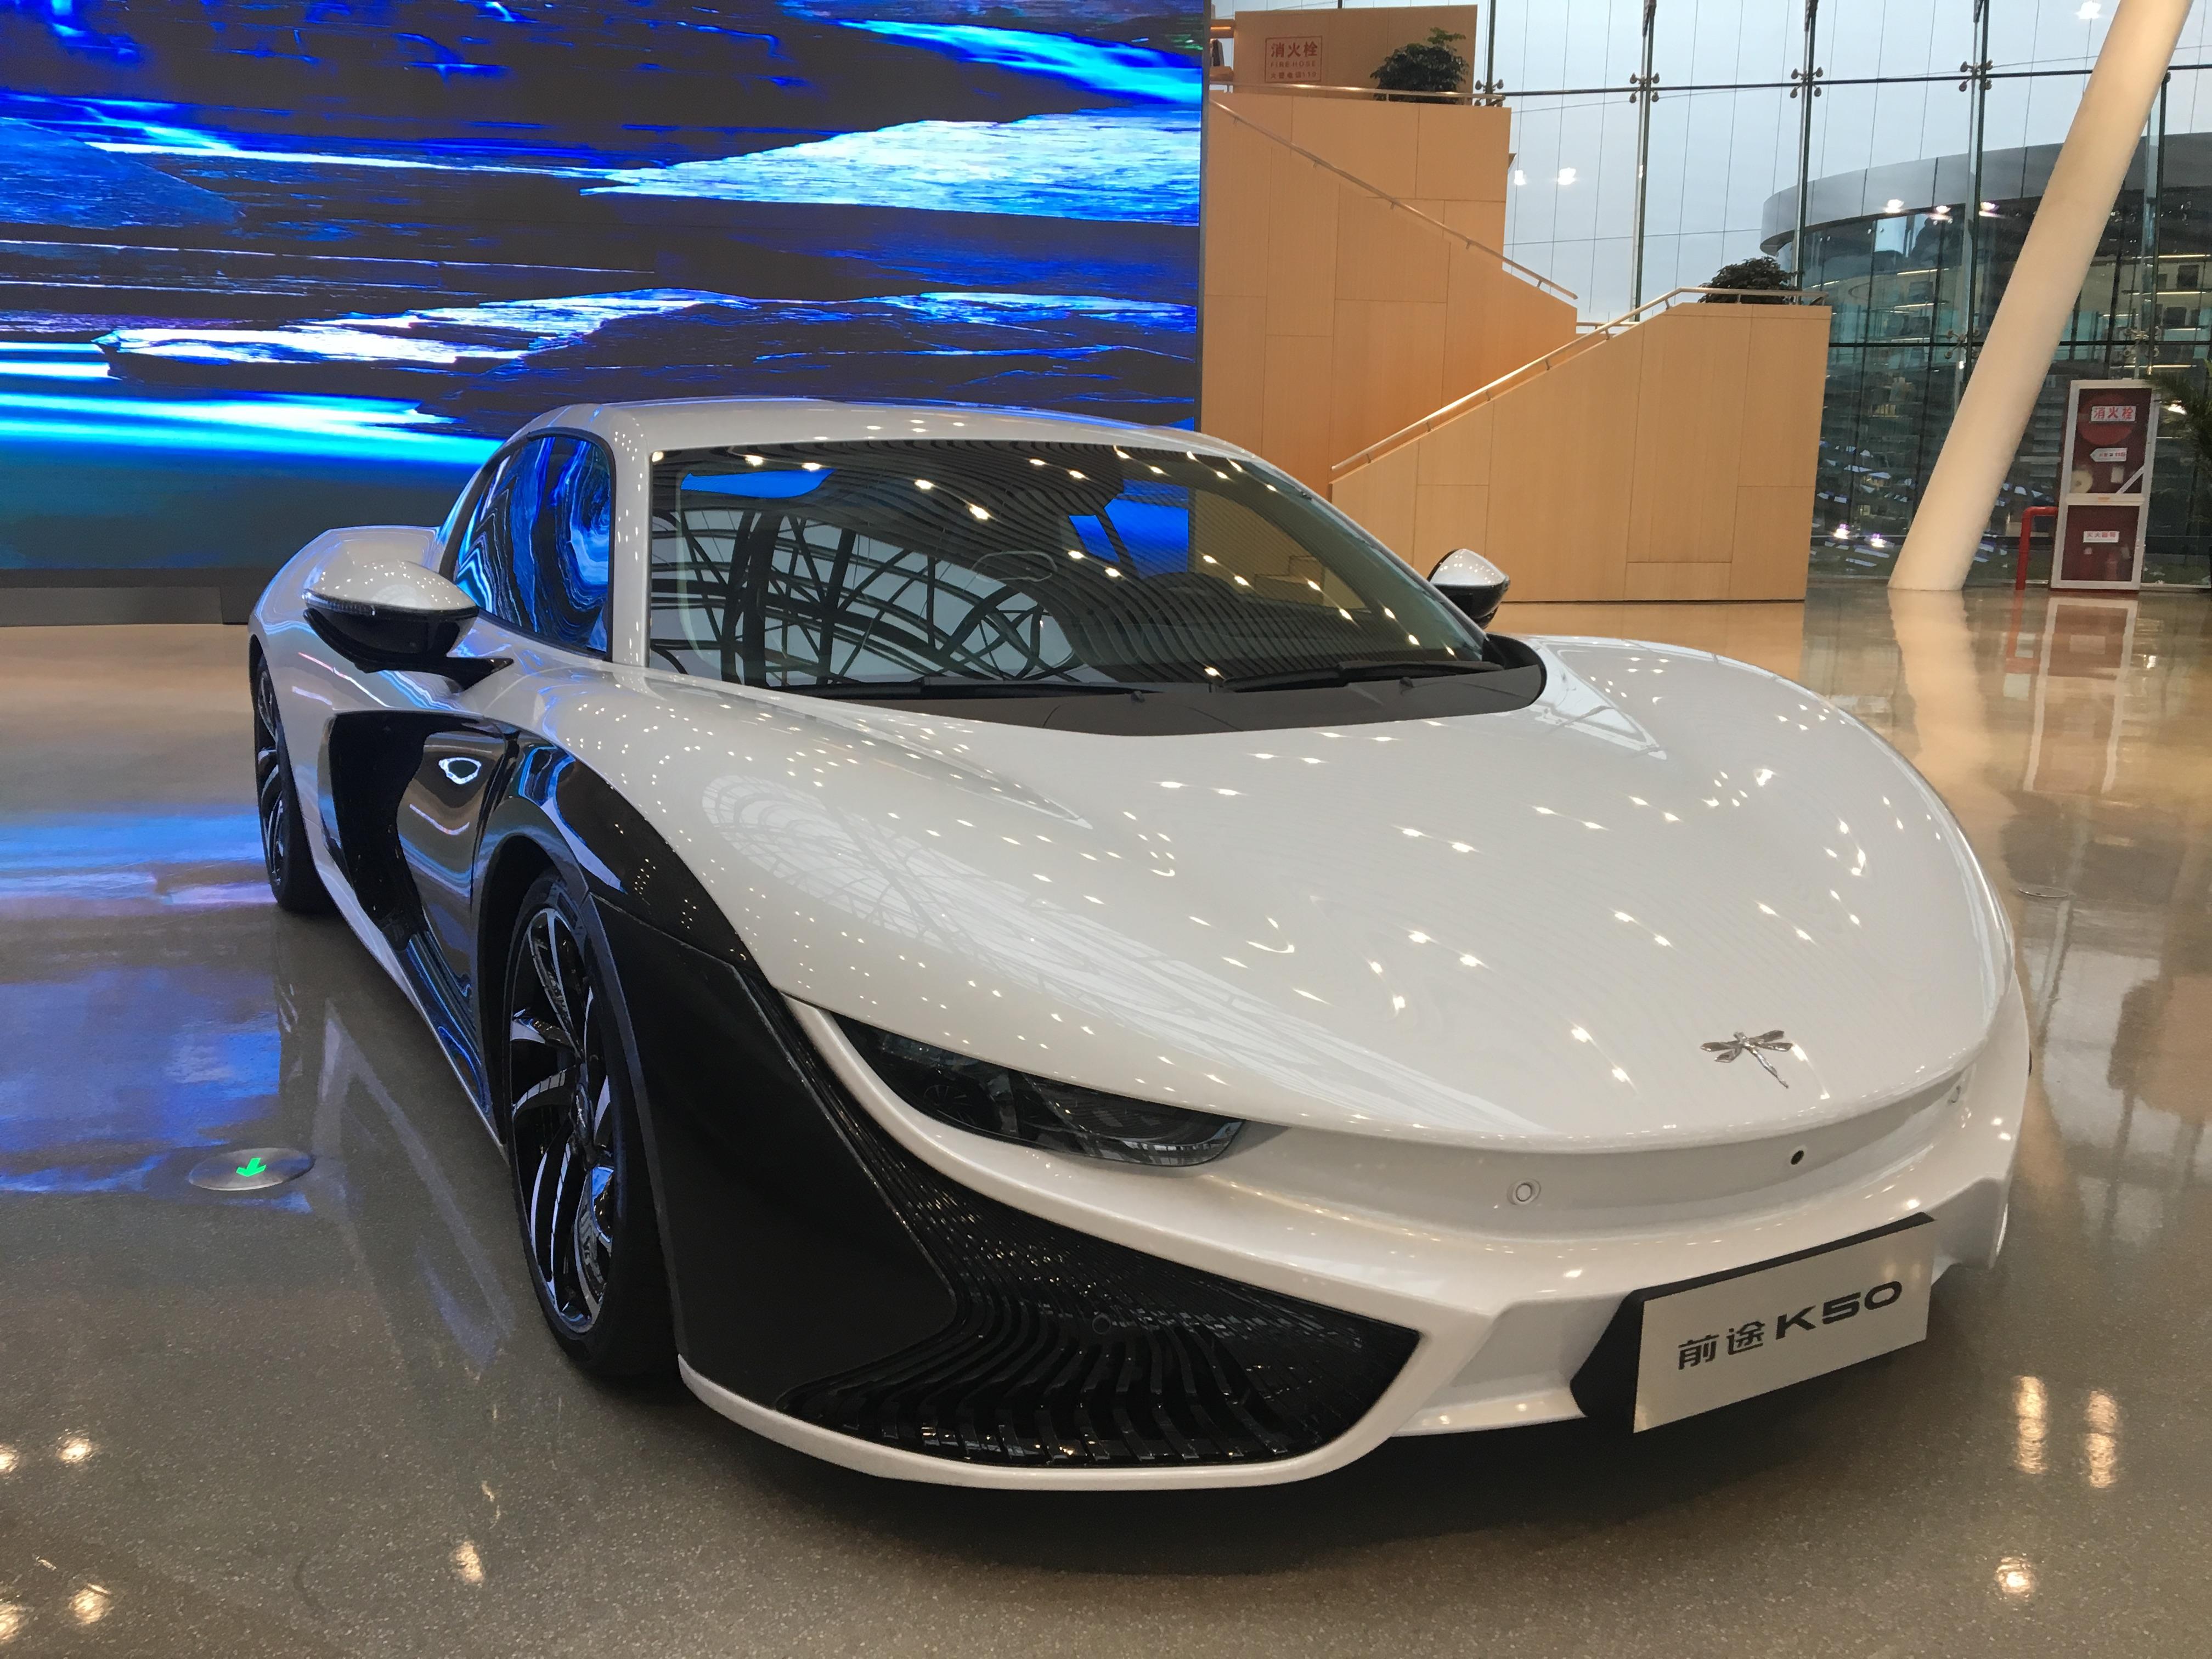 碳纤维材料应用瓶颈难突破,汽车轻量化该如何实现?